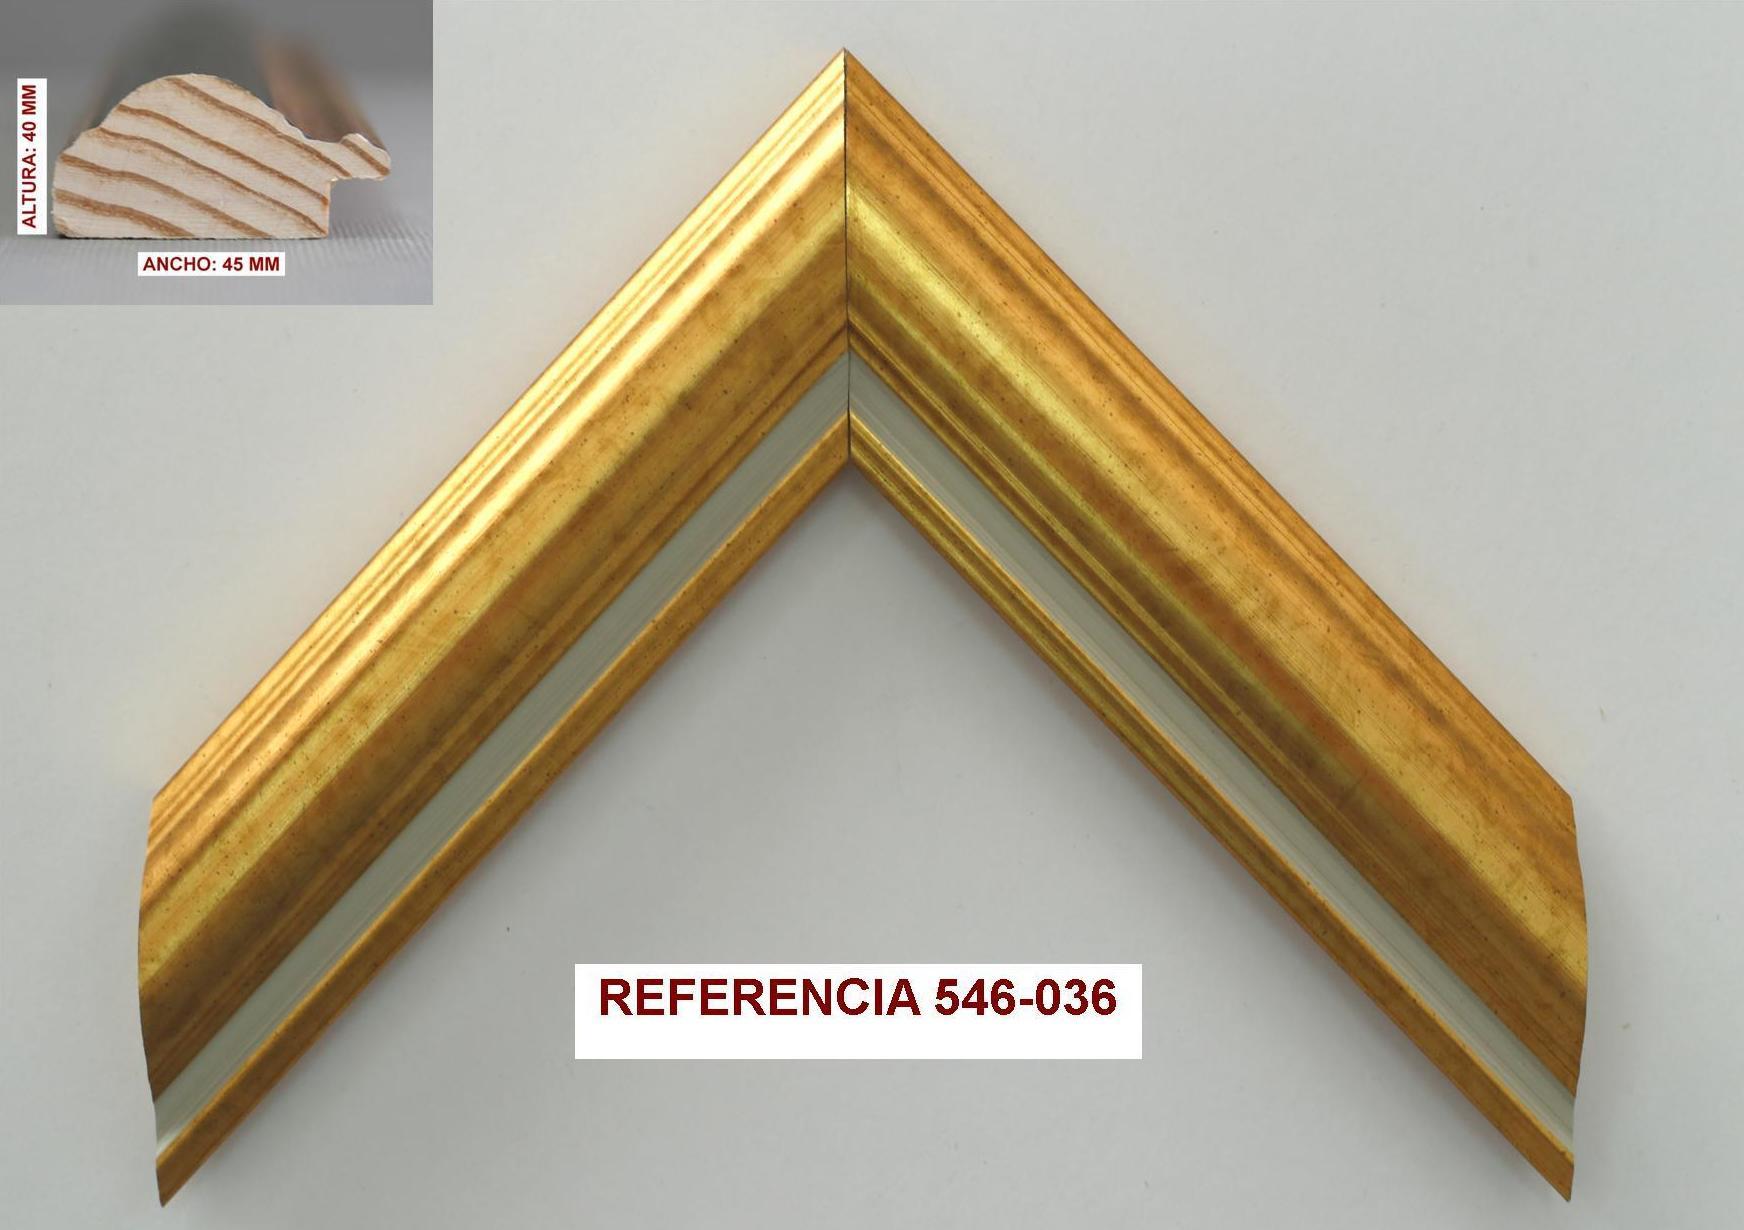 REF 546-036: Muestrario de Moldusevilla